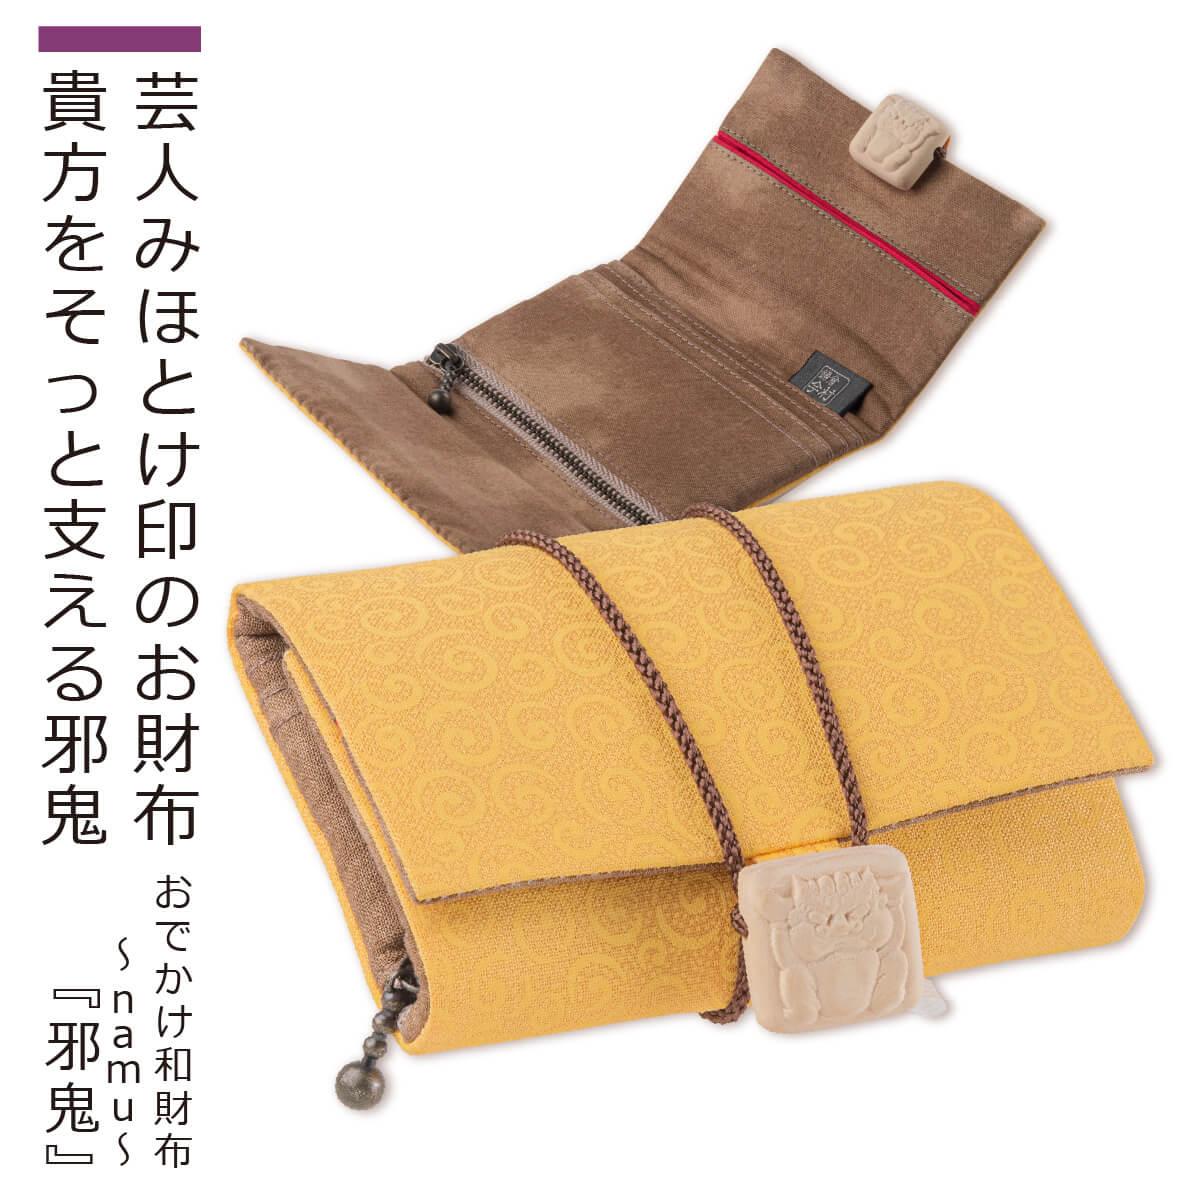 財布 おでかけ和財布~namu~ 未使用 男女兼用 邪鬼 ≫ 和財布